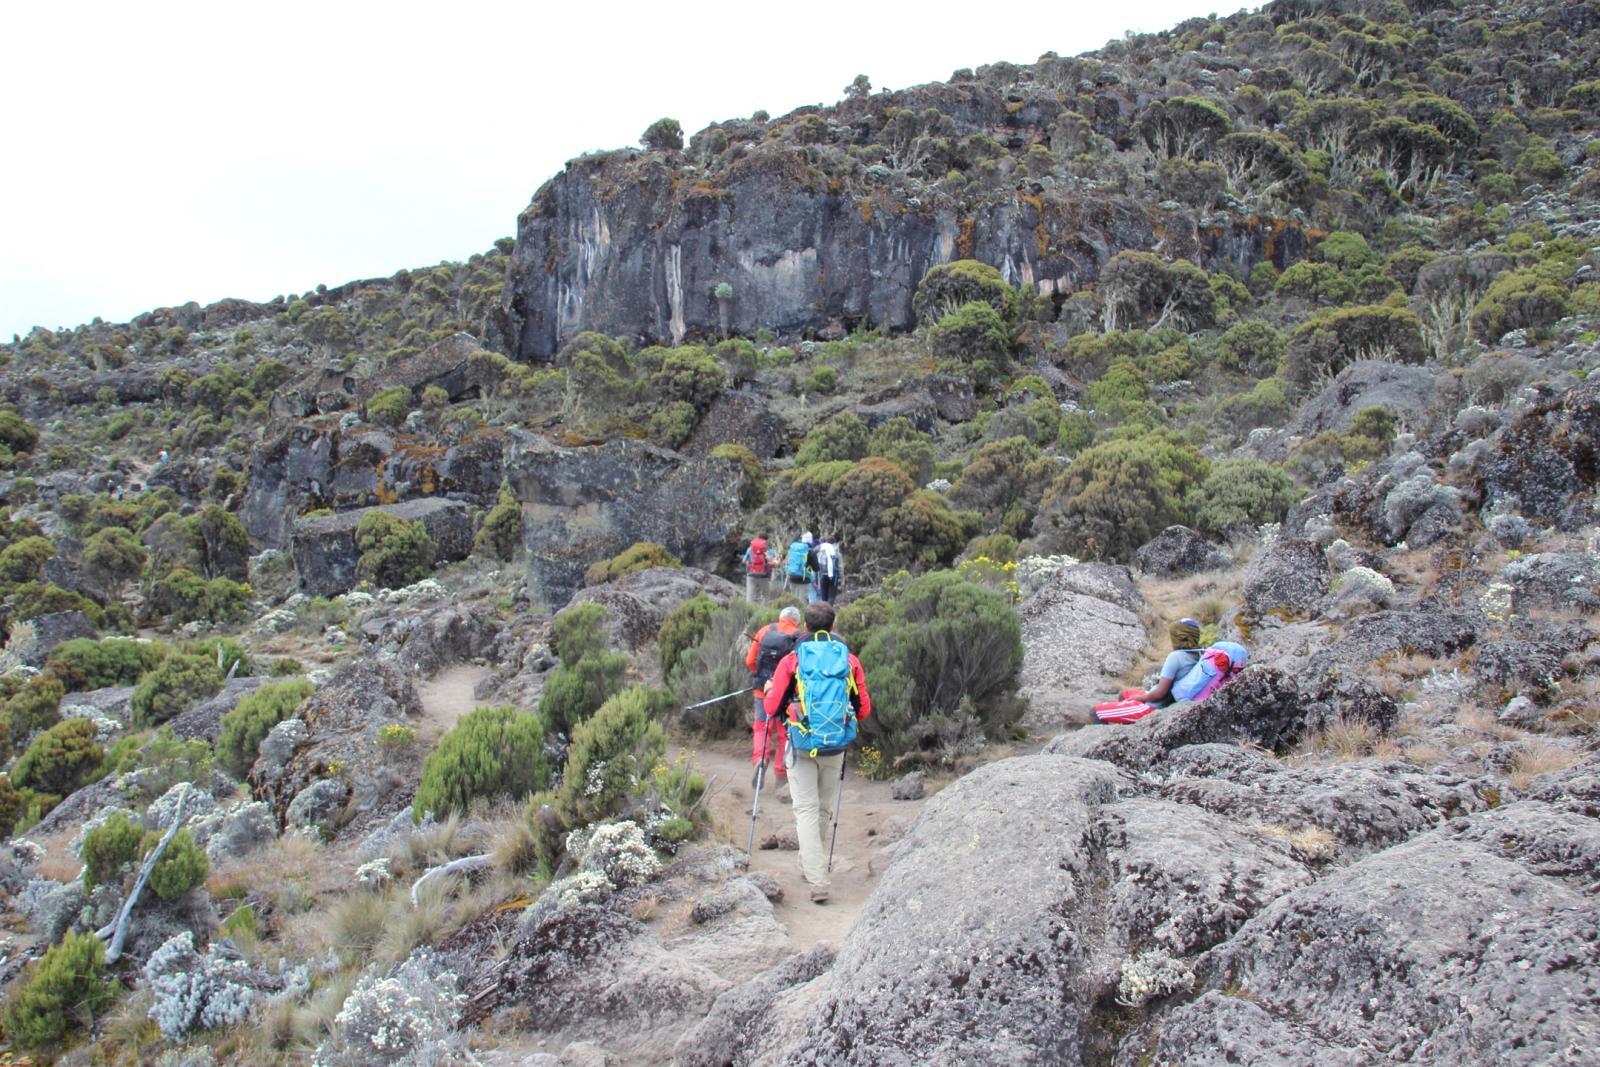 la vegetazione inizia a diradarsi intorno ai 3600 metri di quota (22-8-2014)